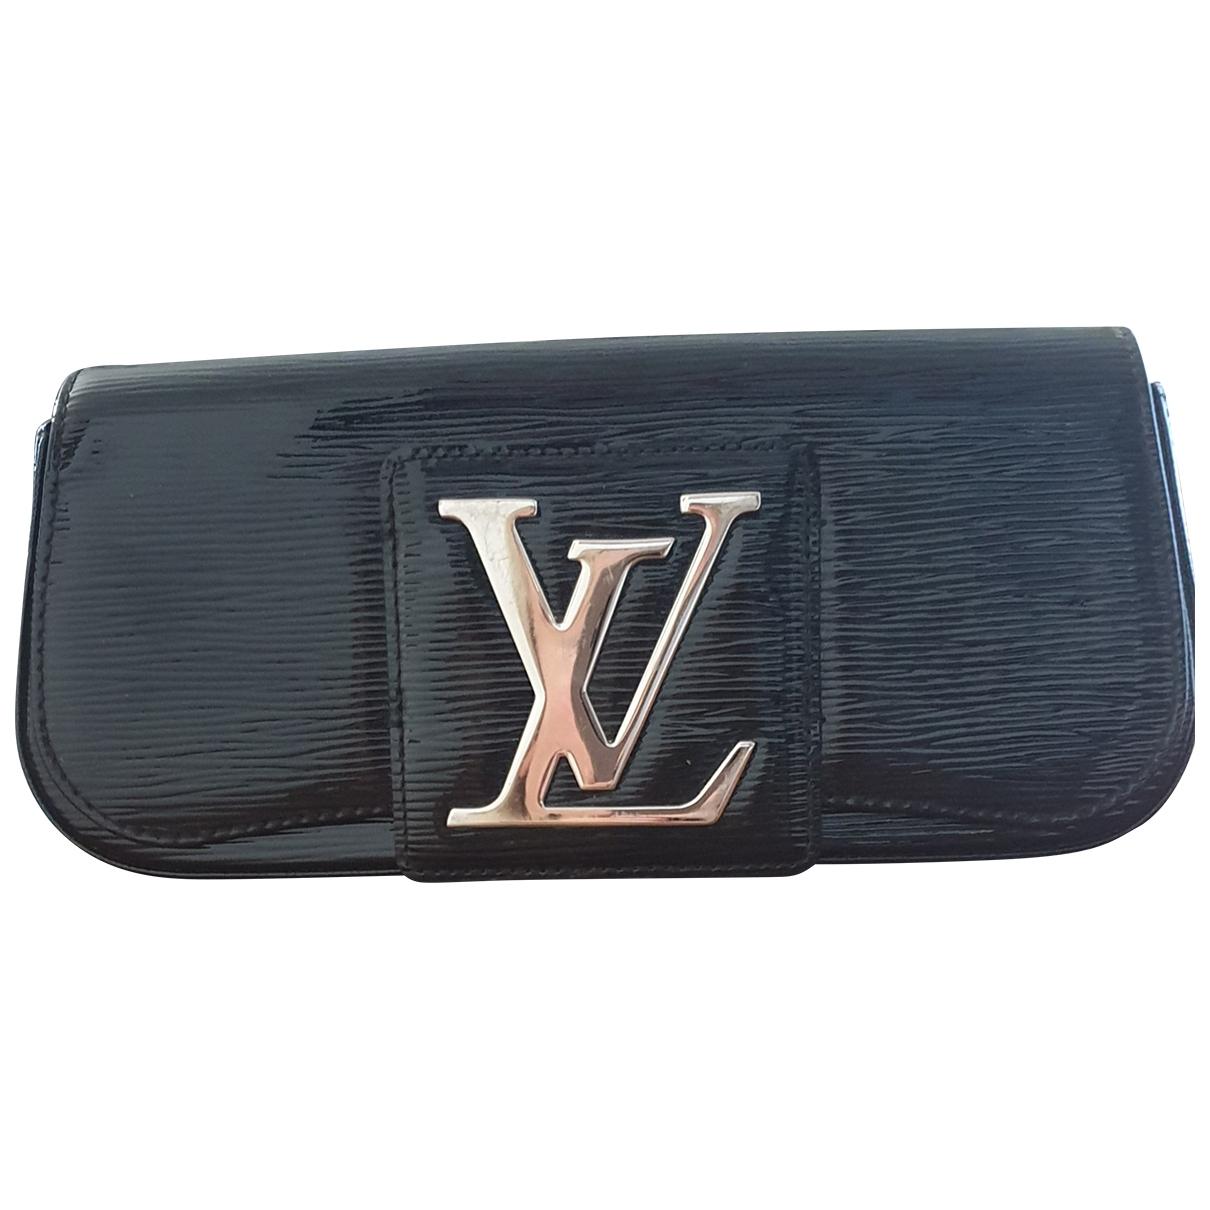 Pochette Sobe de Cuero Louis Vuitton